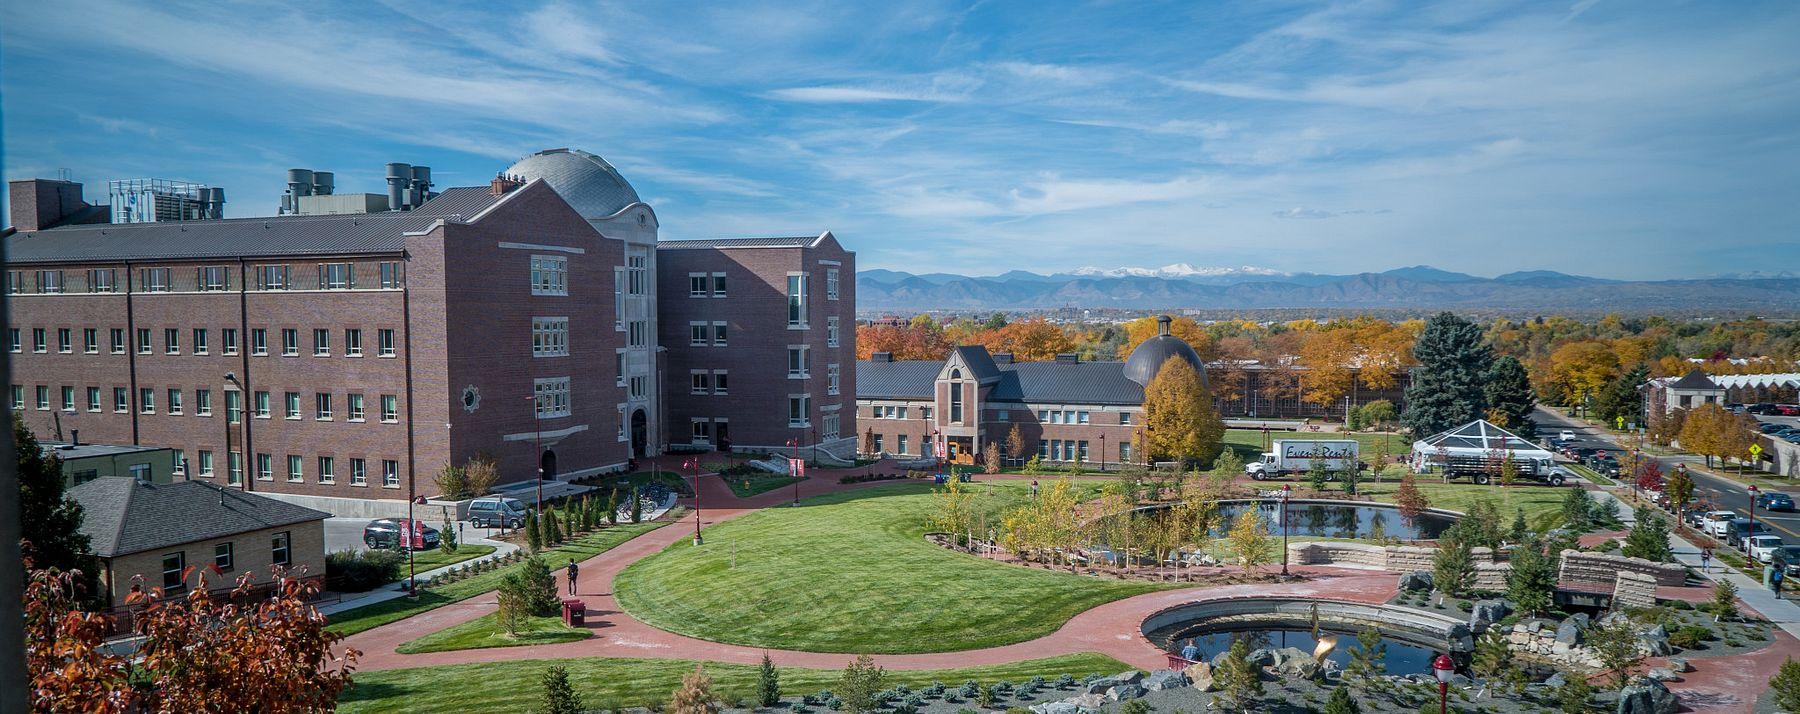 DU Campus Panorama